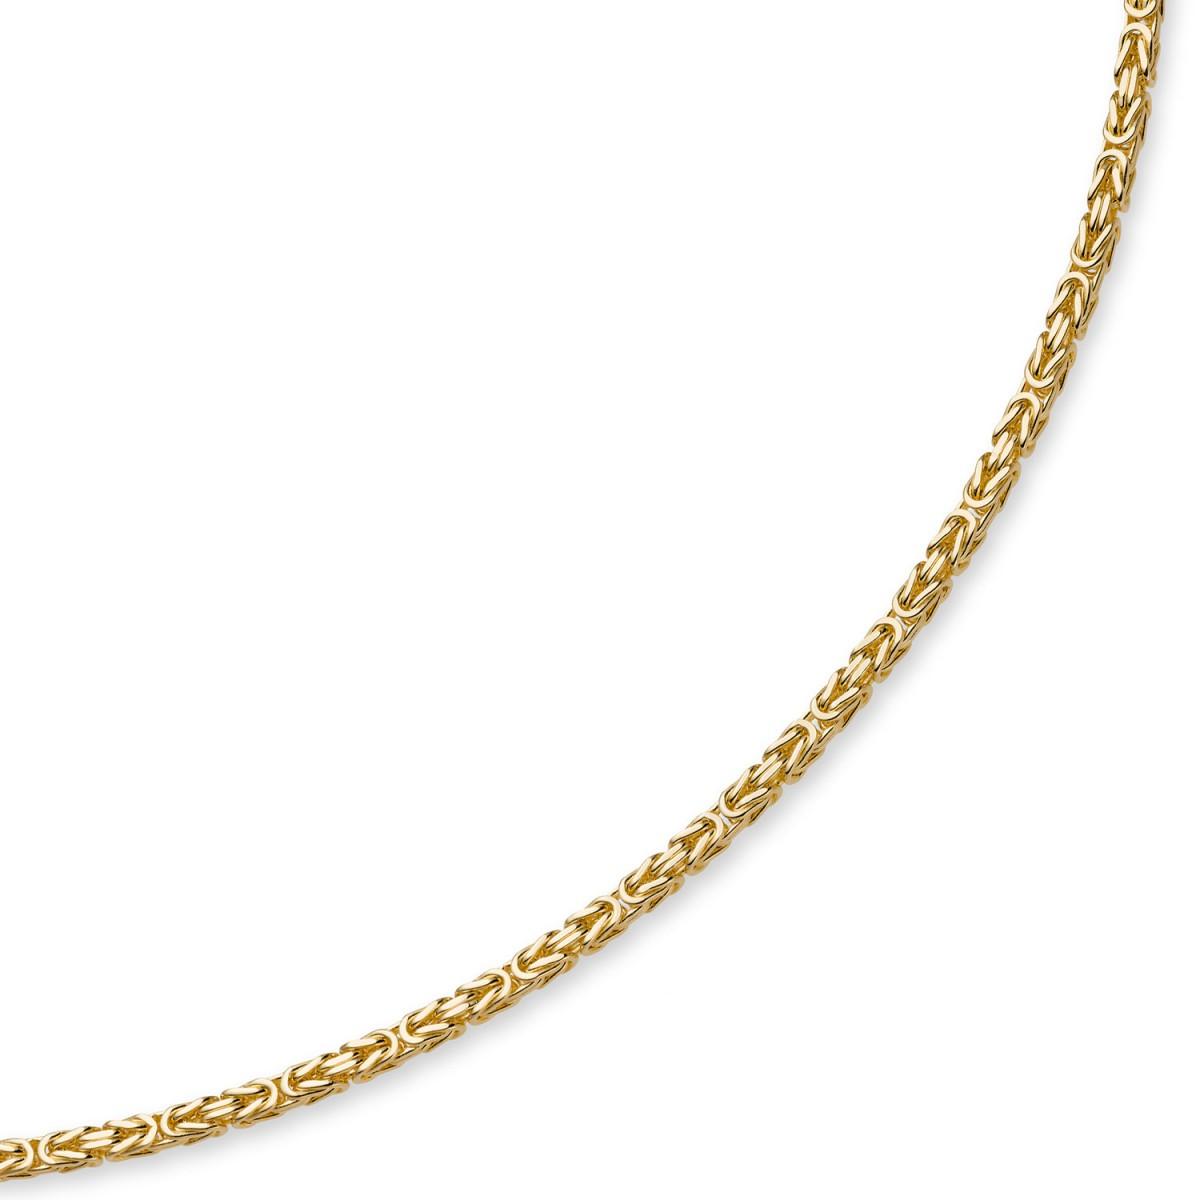 4mm kette halskette k nigskette aus 585 gold gelbgold 45cm herren. Black Bedroom Furniture Sets. Home Design Ideas